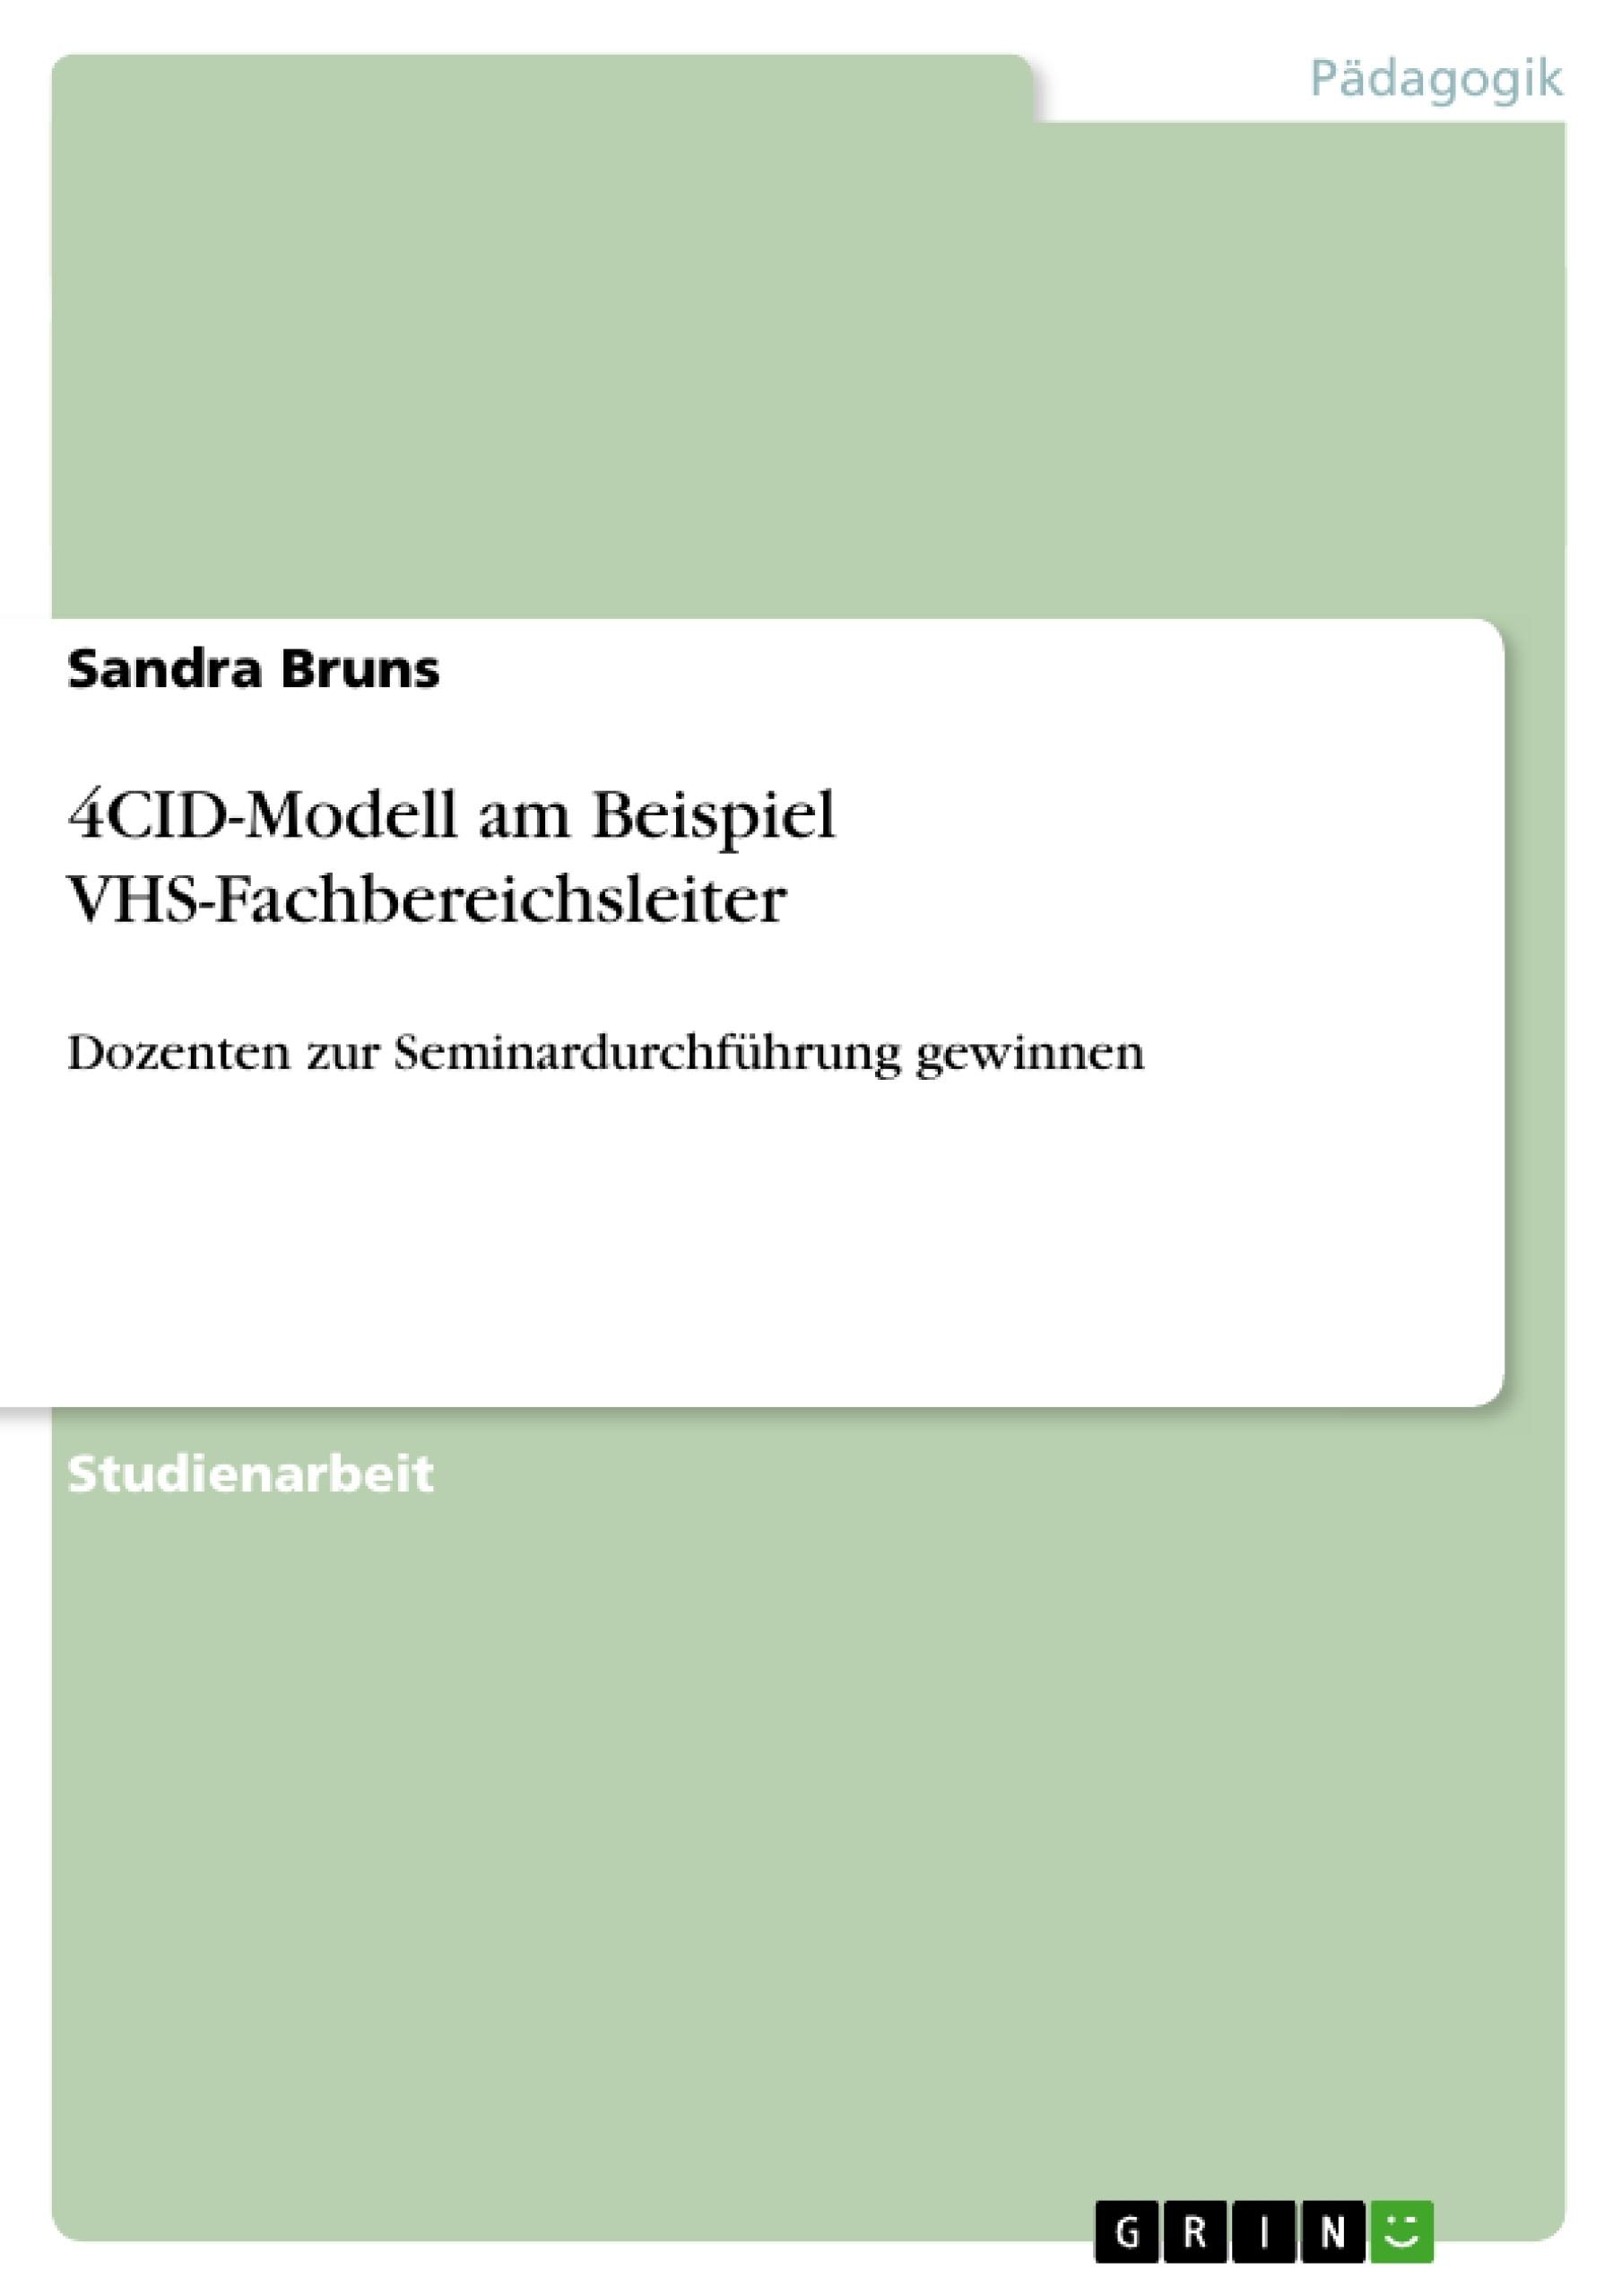 Titel: 4CID-Modell am Beispiel VHS-Fachbereichsleiter